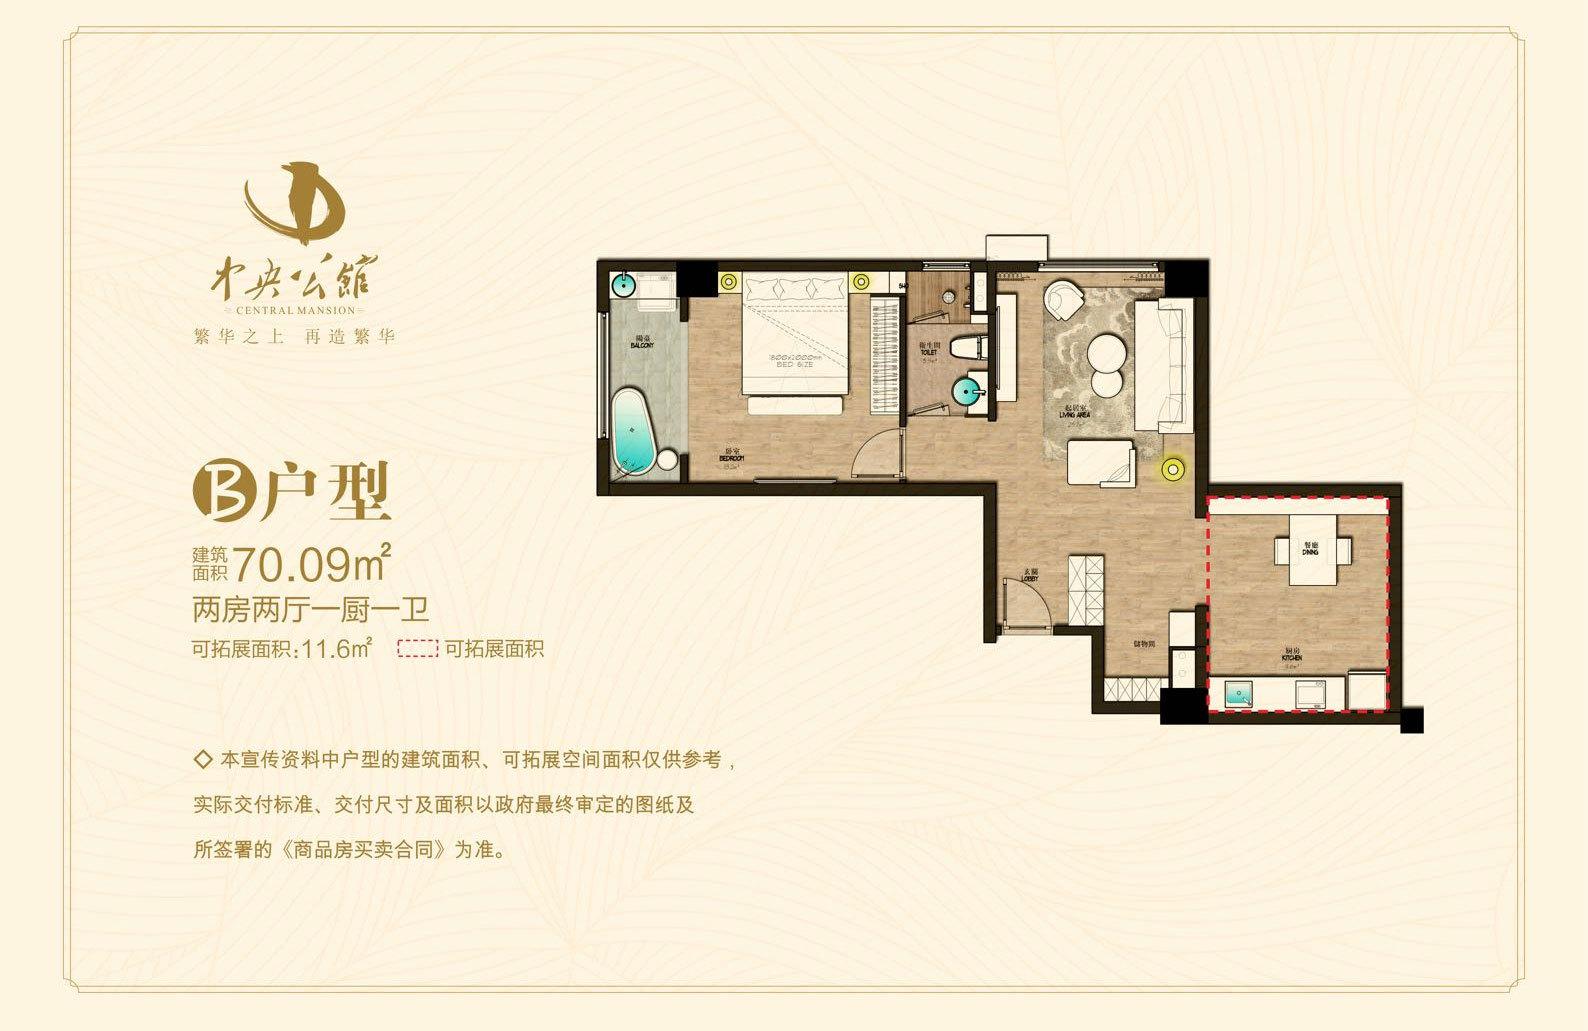 三亚中央公馆 B户型 2房2厅1卫 建筑面积约70㎡